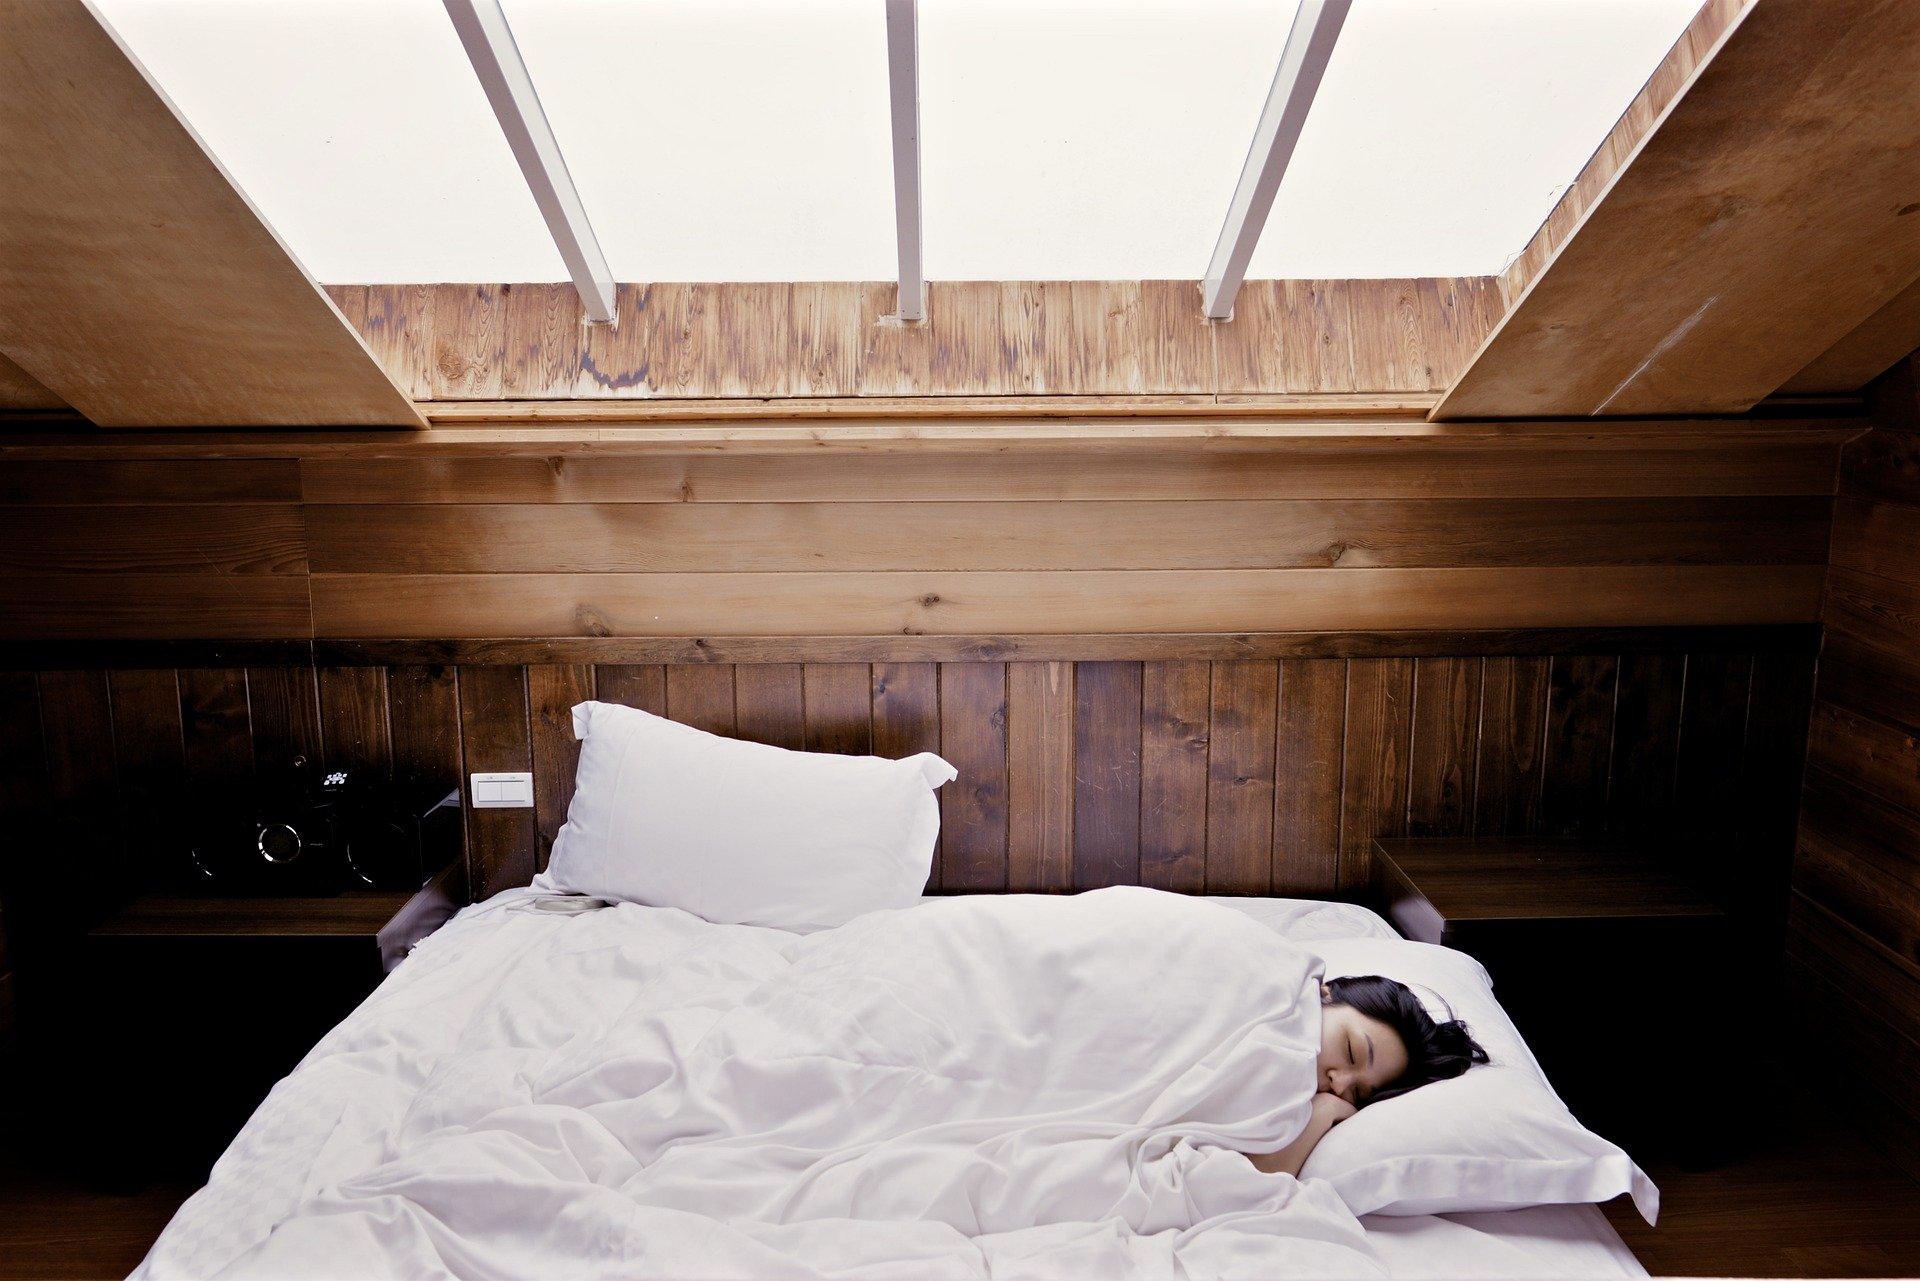 Schlafen mit oder ohne Kissen, was ist gesünder?